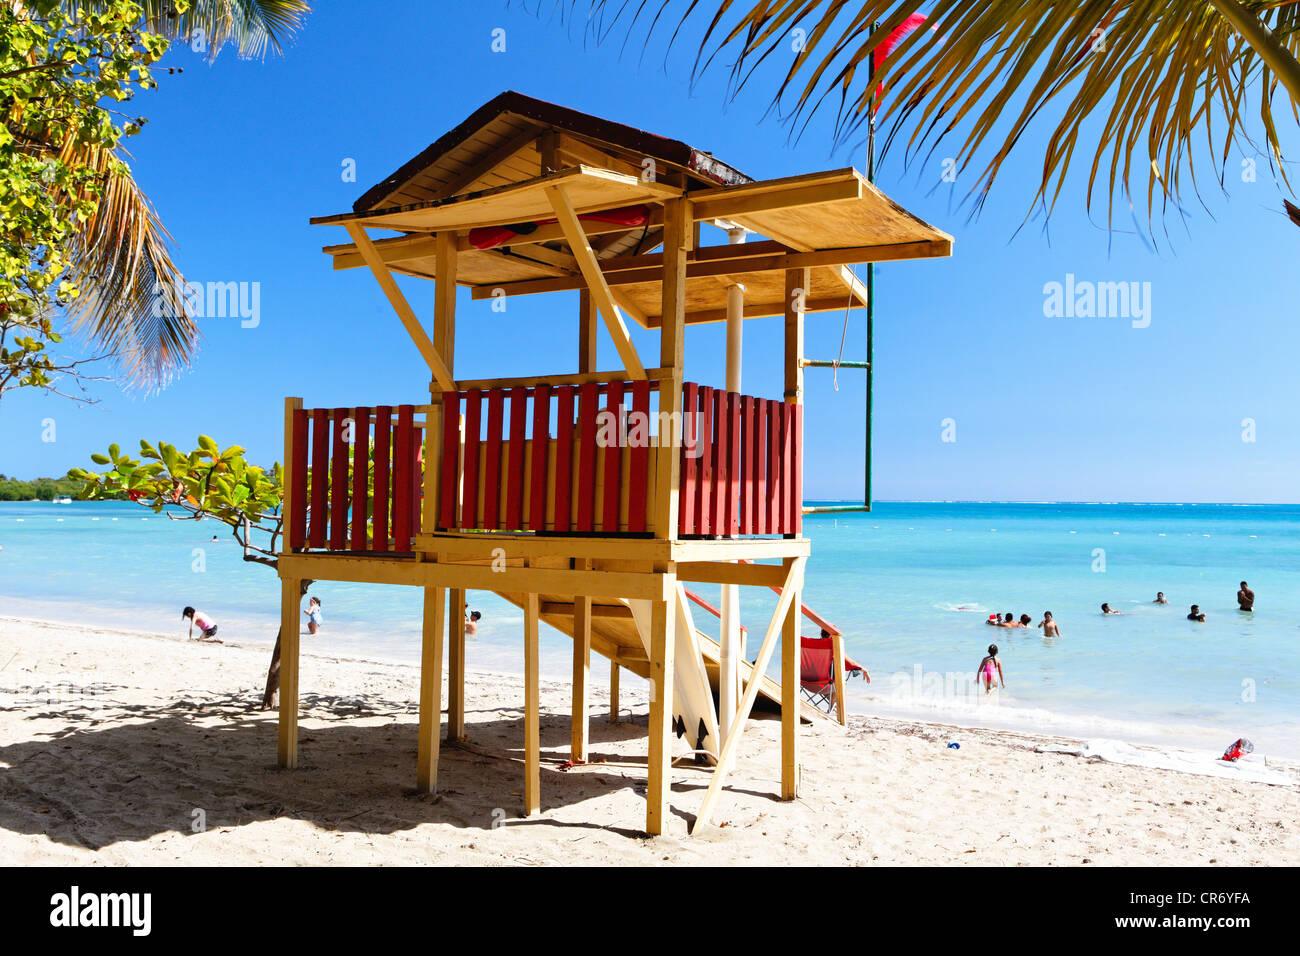 Cabaña de socorrista en la playa, Cana Gorda, Guánica, Puerto Rico Imagen De Stock